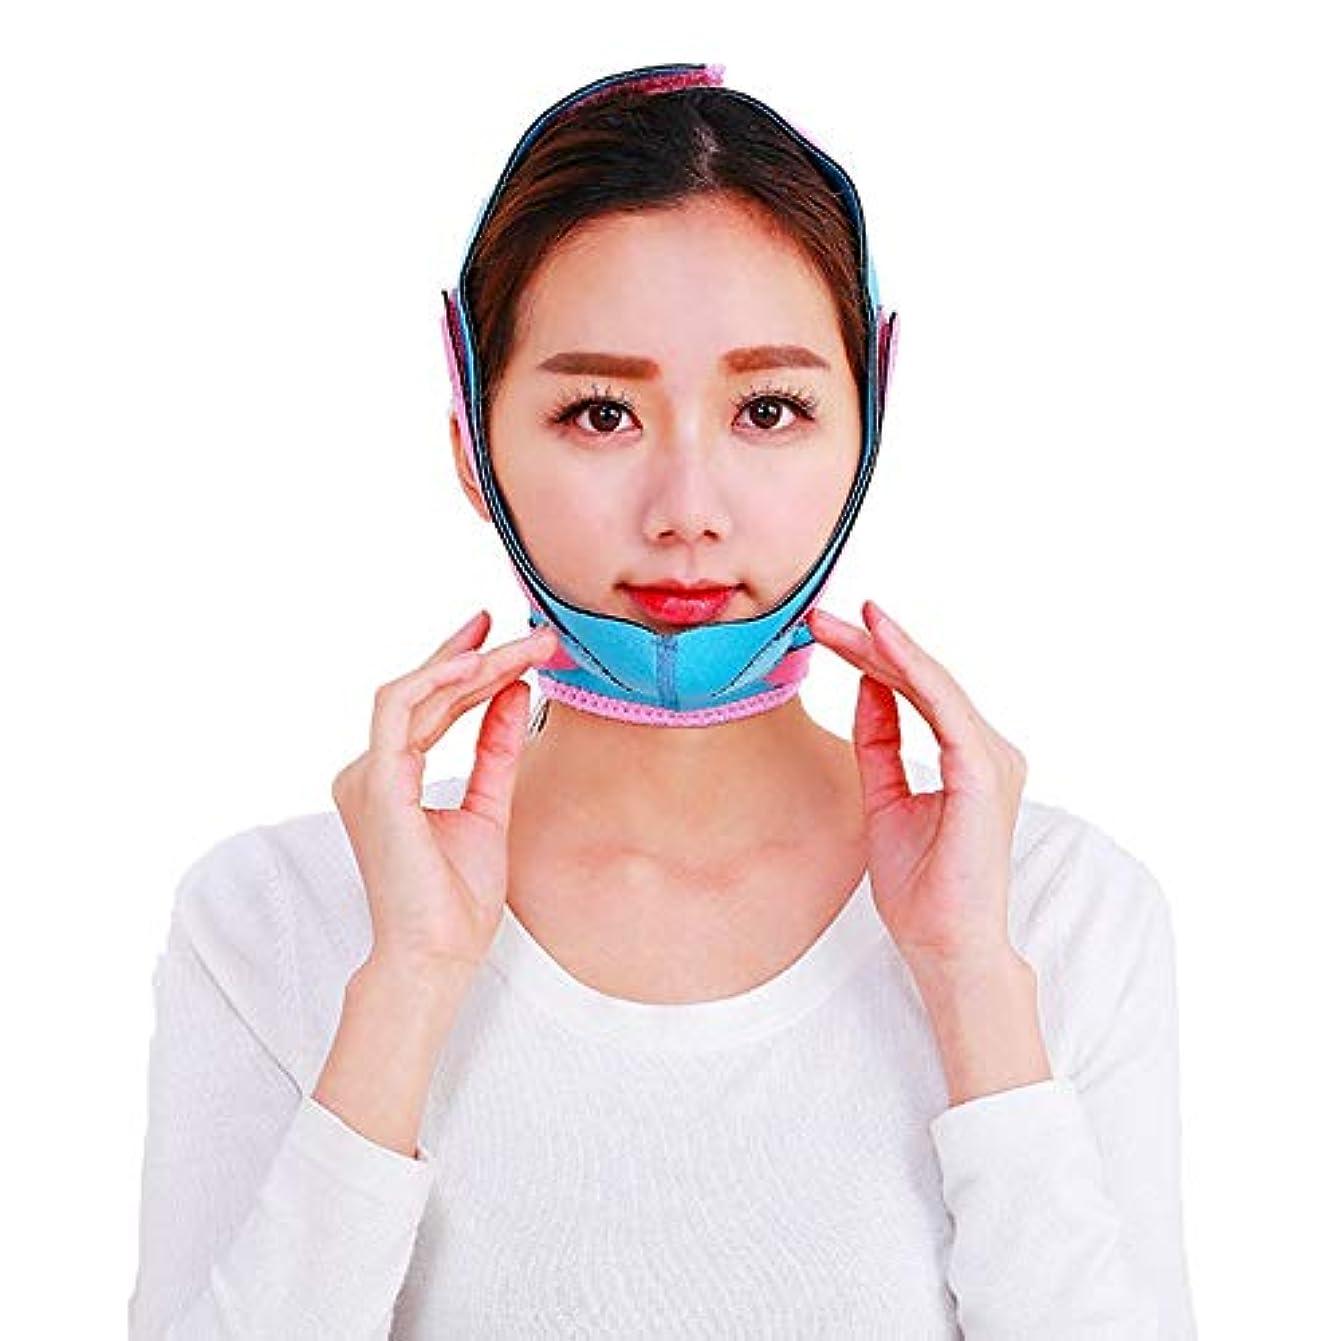 不透明な実験をする抜本的なJia Jia- フェイシャルリフティング痩身ベルトシンフェイス包帯アンチエイジングシワフリーフェイシャルマッサージ整形マスクダブルチンワークアウト 顔面包帯